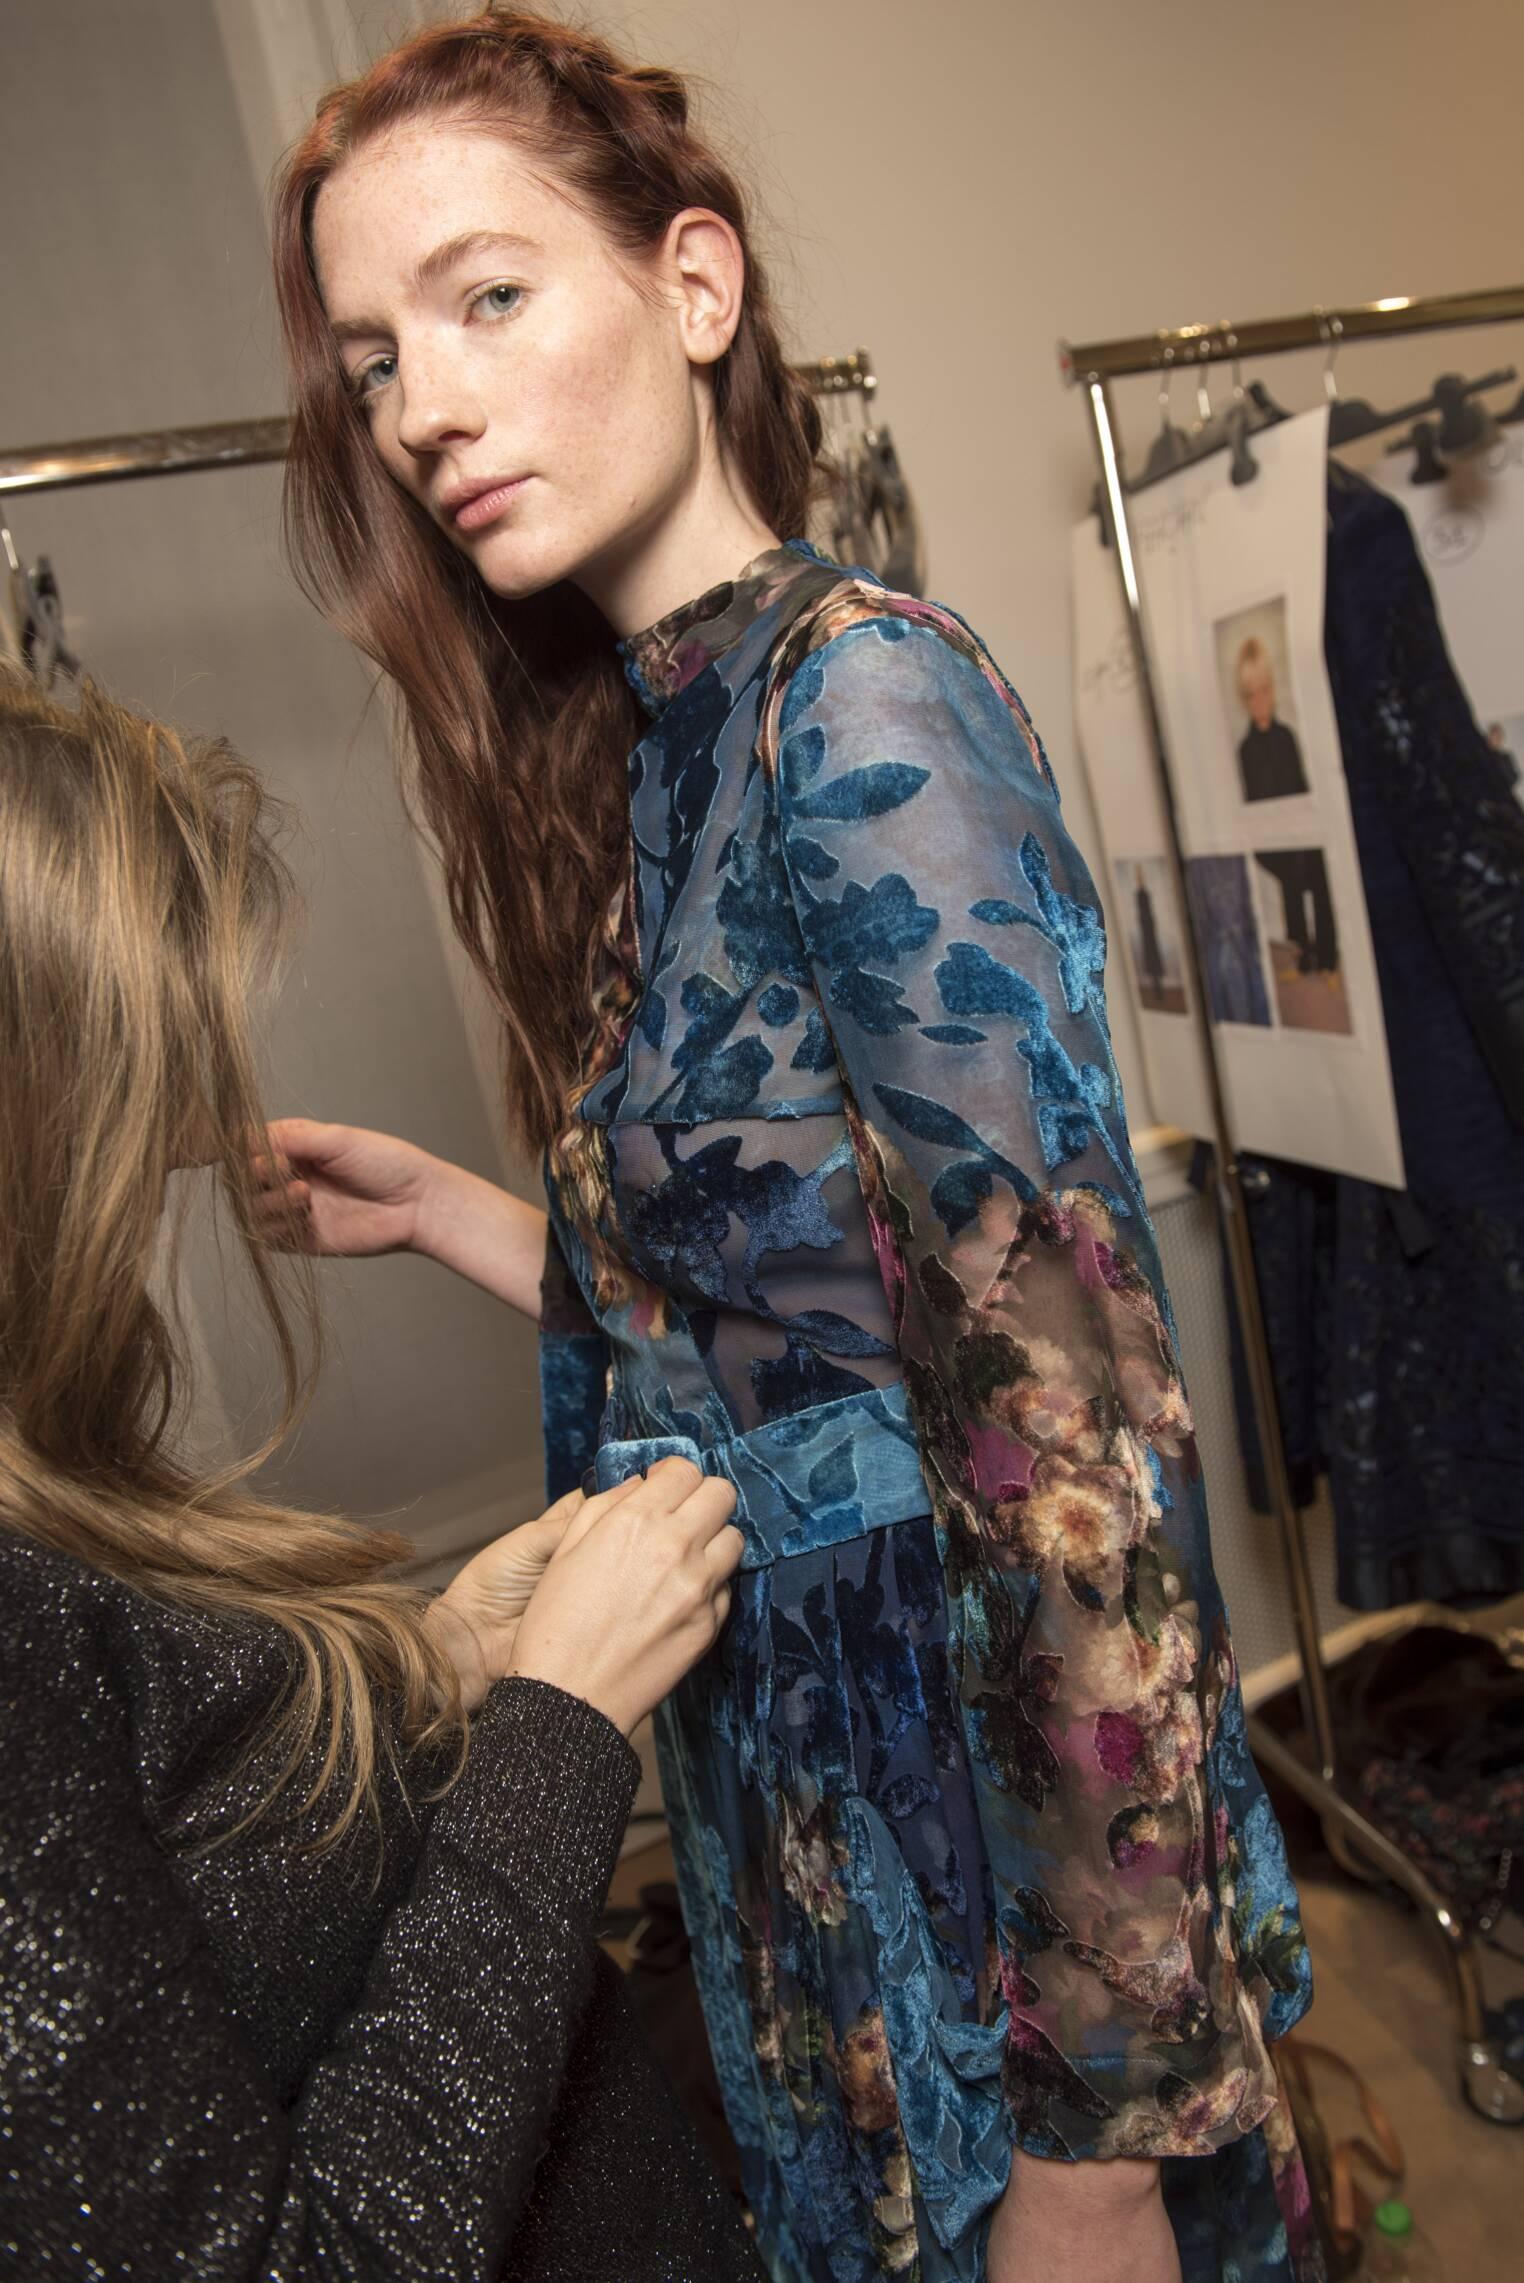 2017 Model Backstage Alberta Ferretti Pre Fall